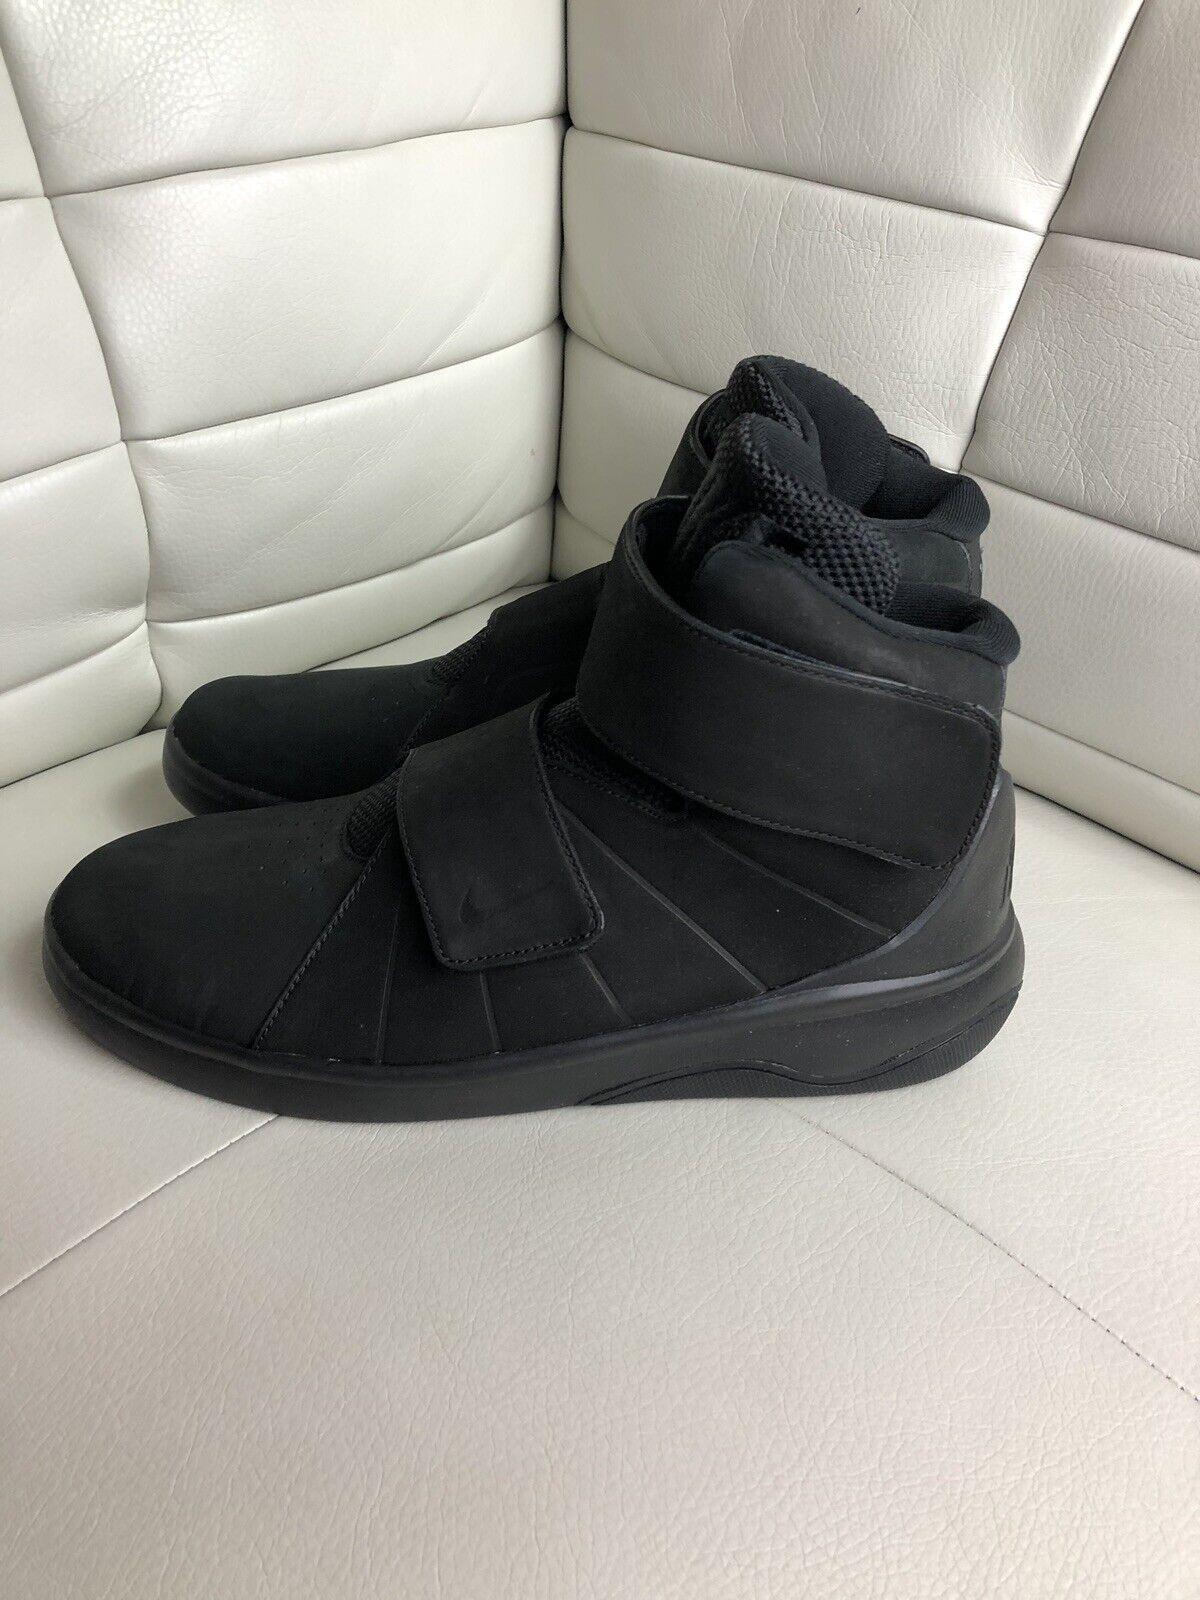 the latest 3c1d7 94727 Nike Marxman Premium Black Black Black Size 11.5 1ca555